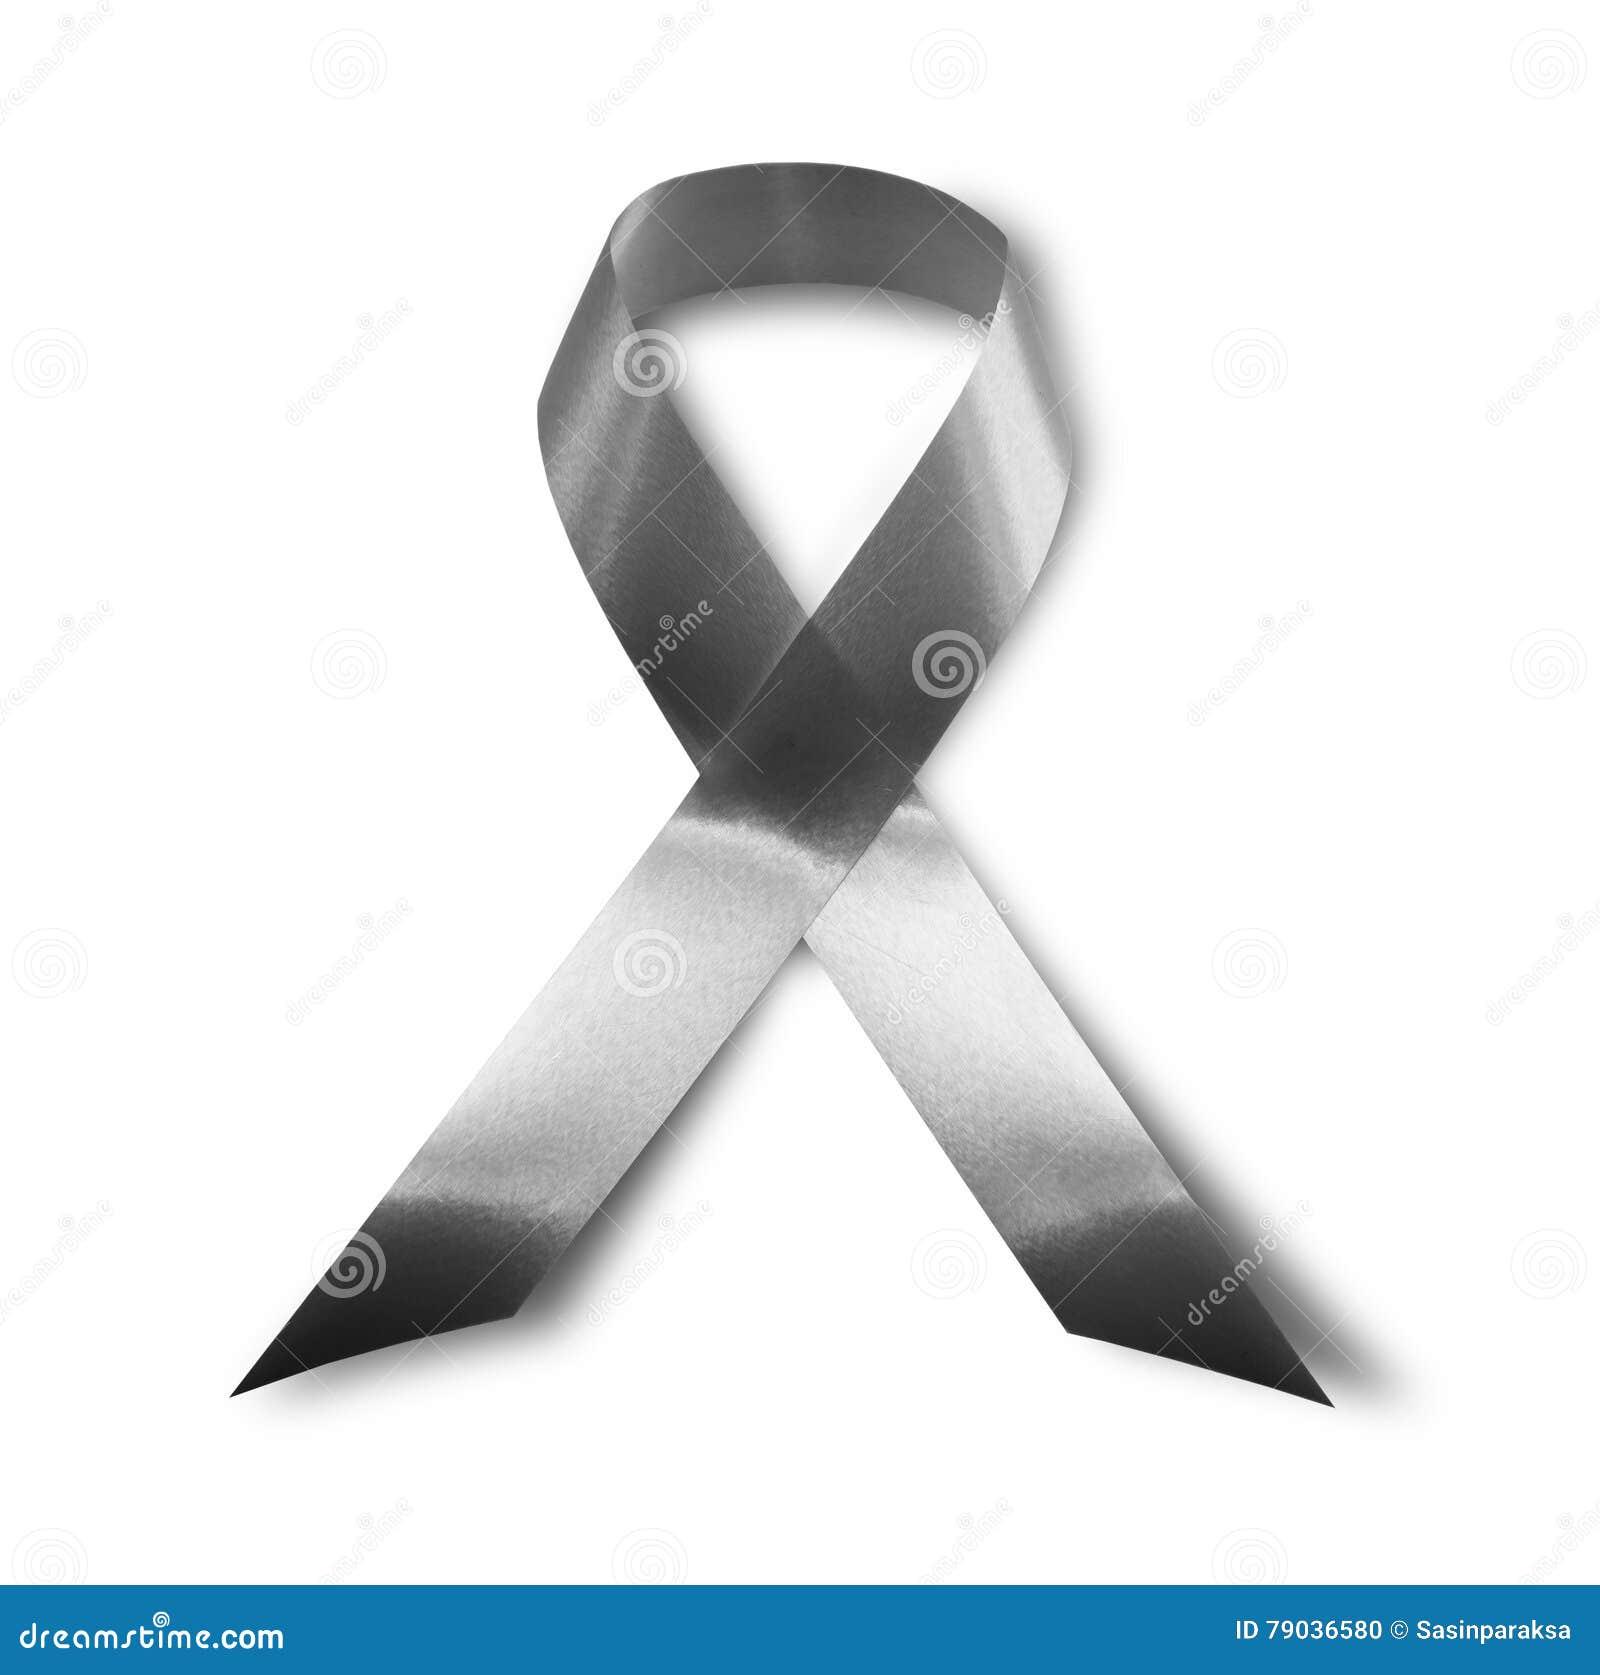 Black Awareness Ribbon Mourning And Melanoma Symbol Isolated On